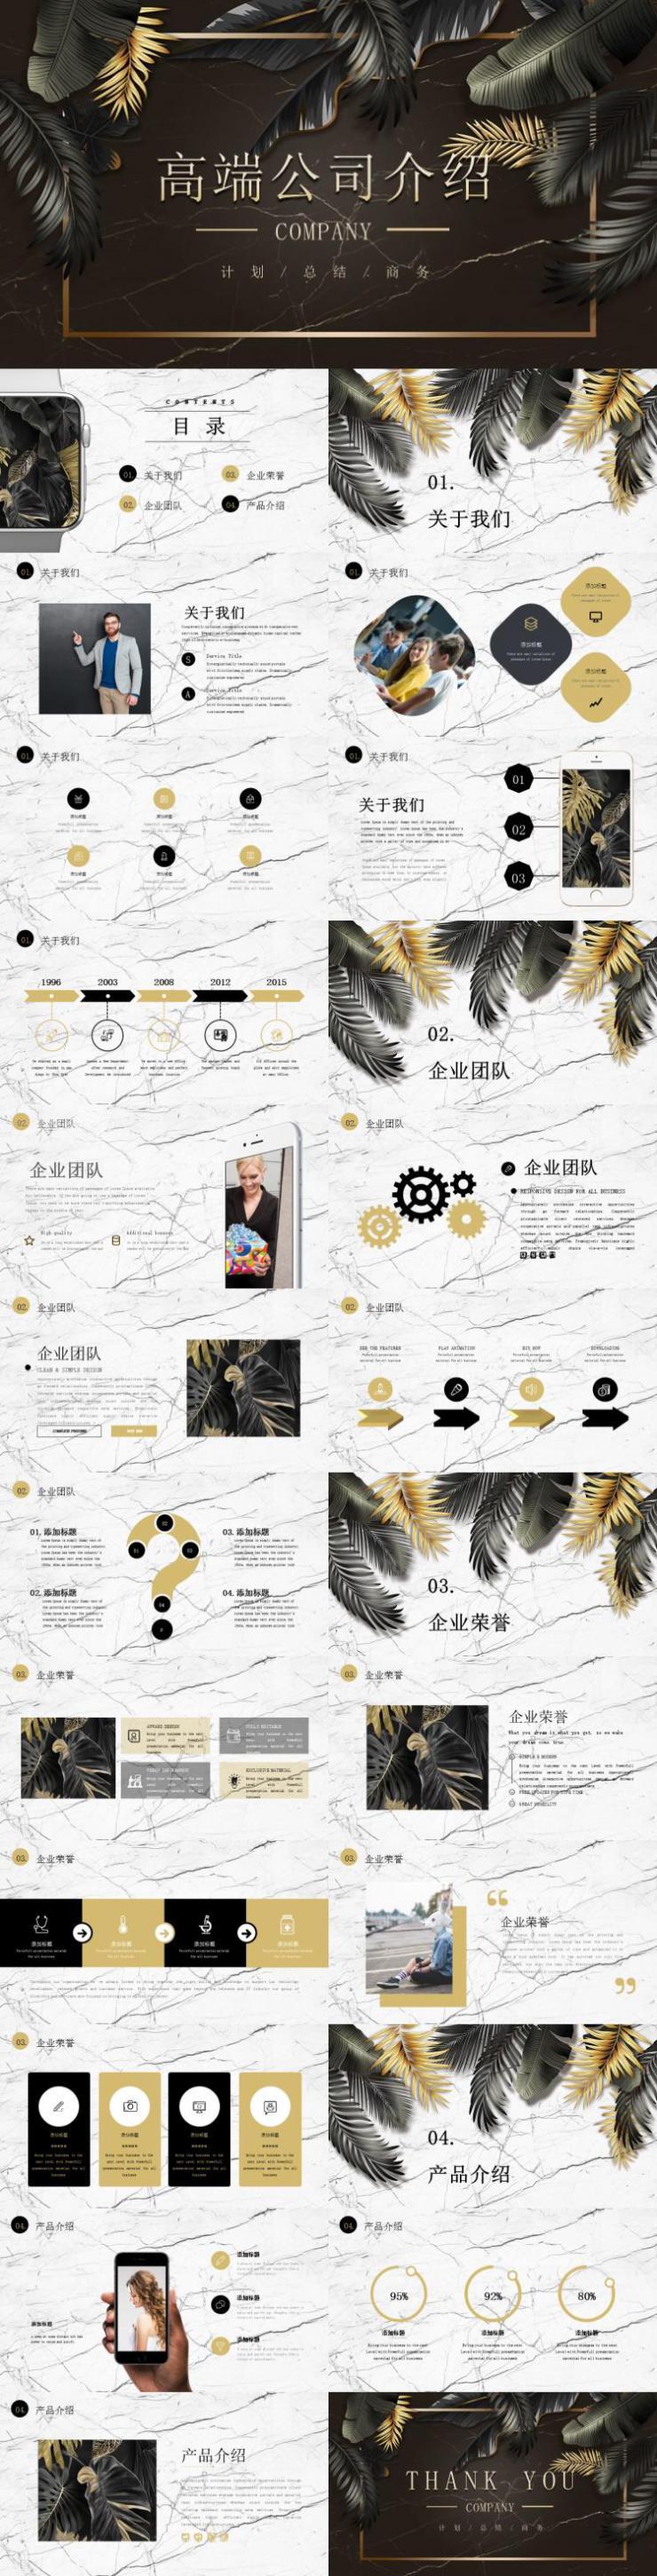 高端金色质感树叶公司介绍PPT模板